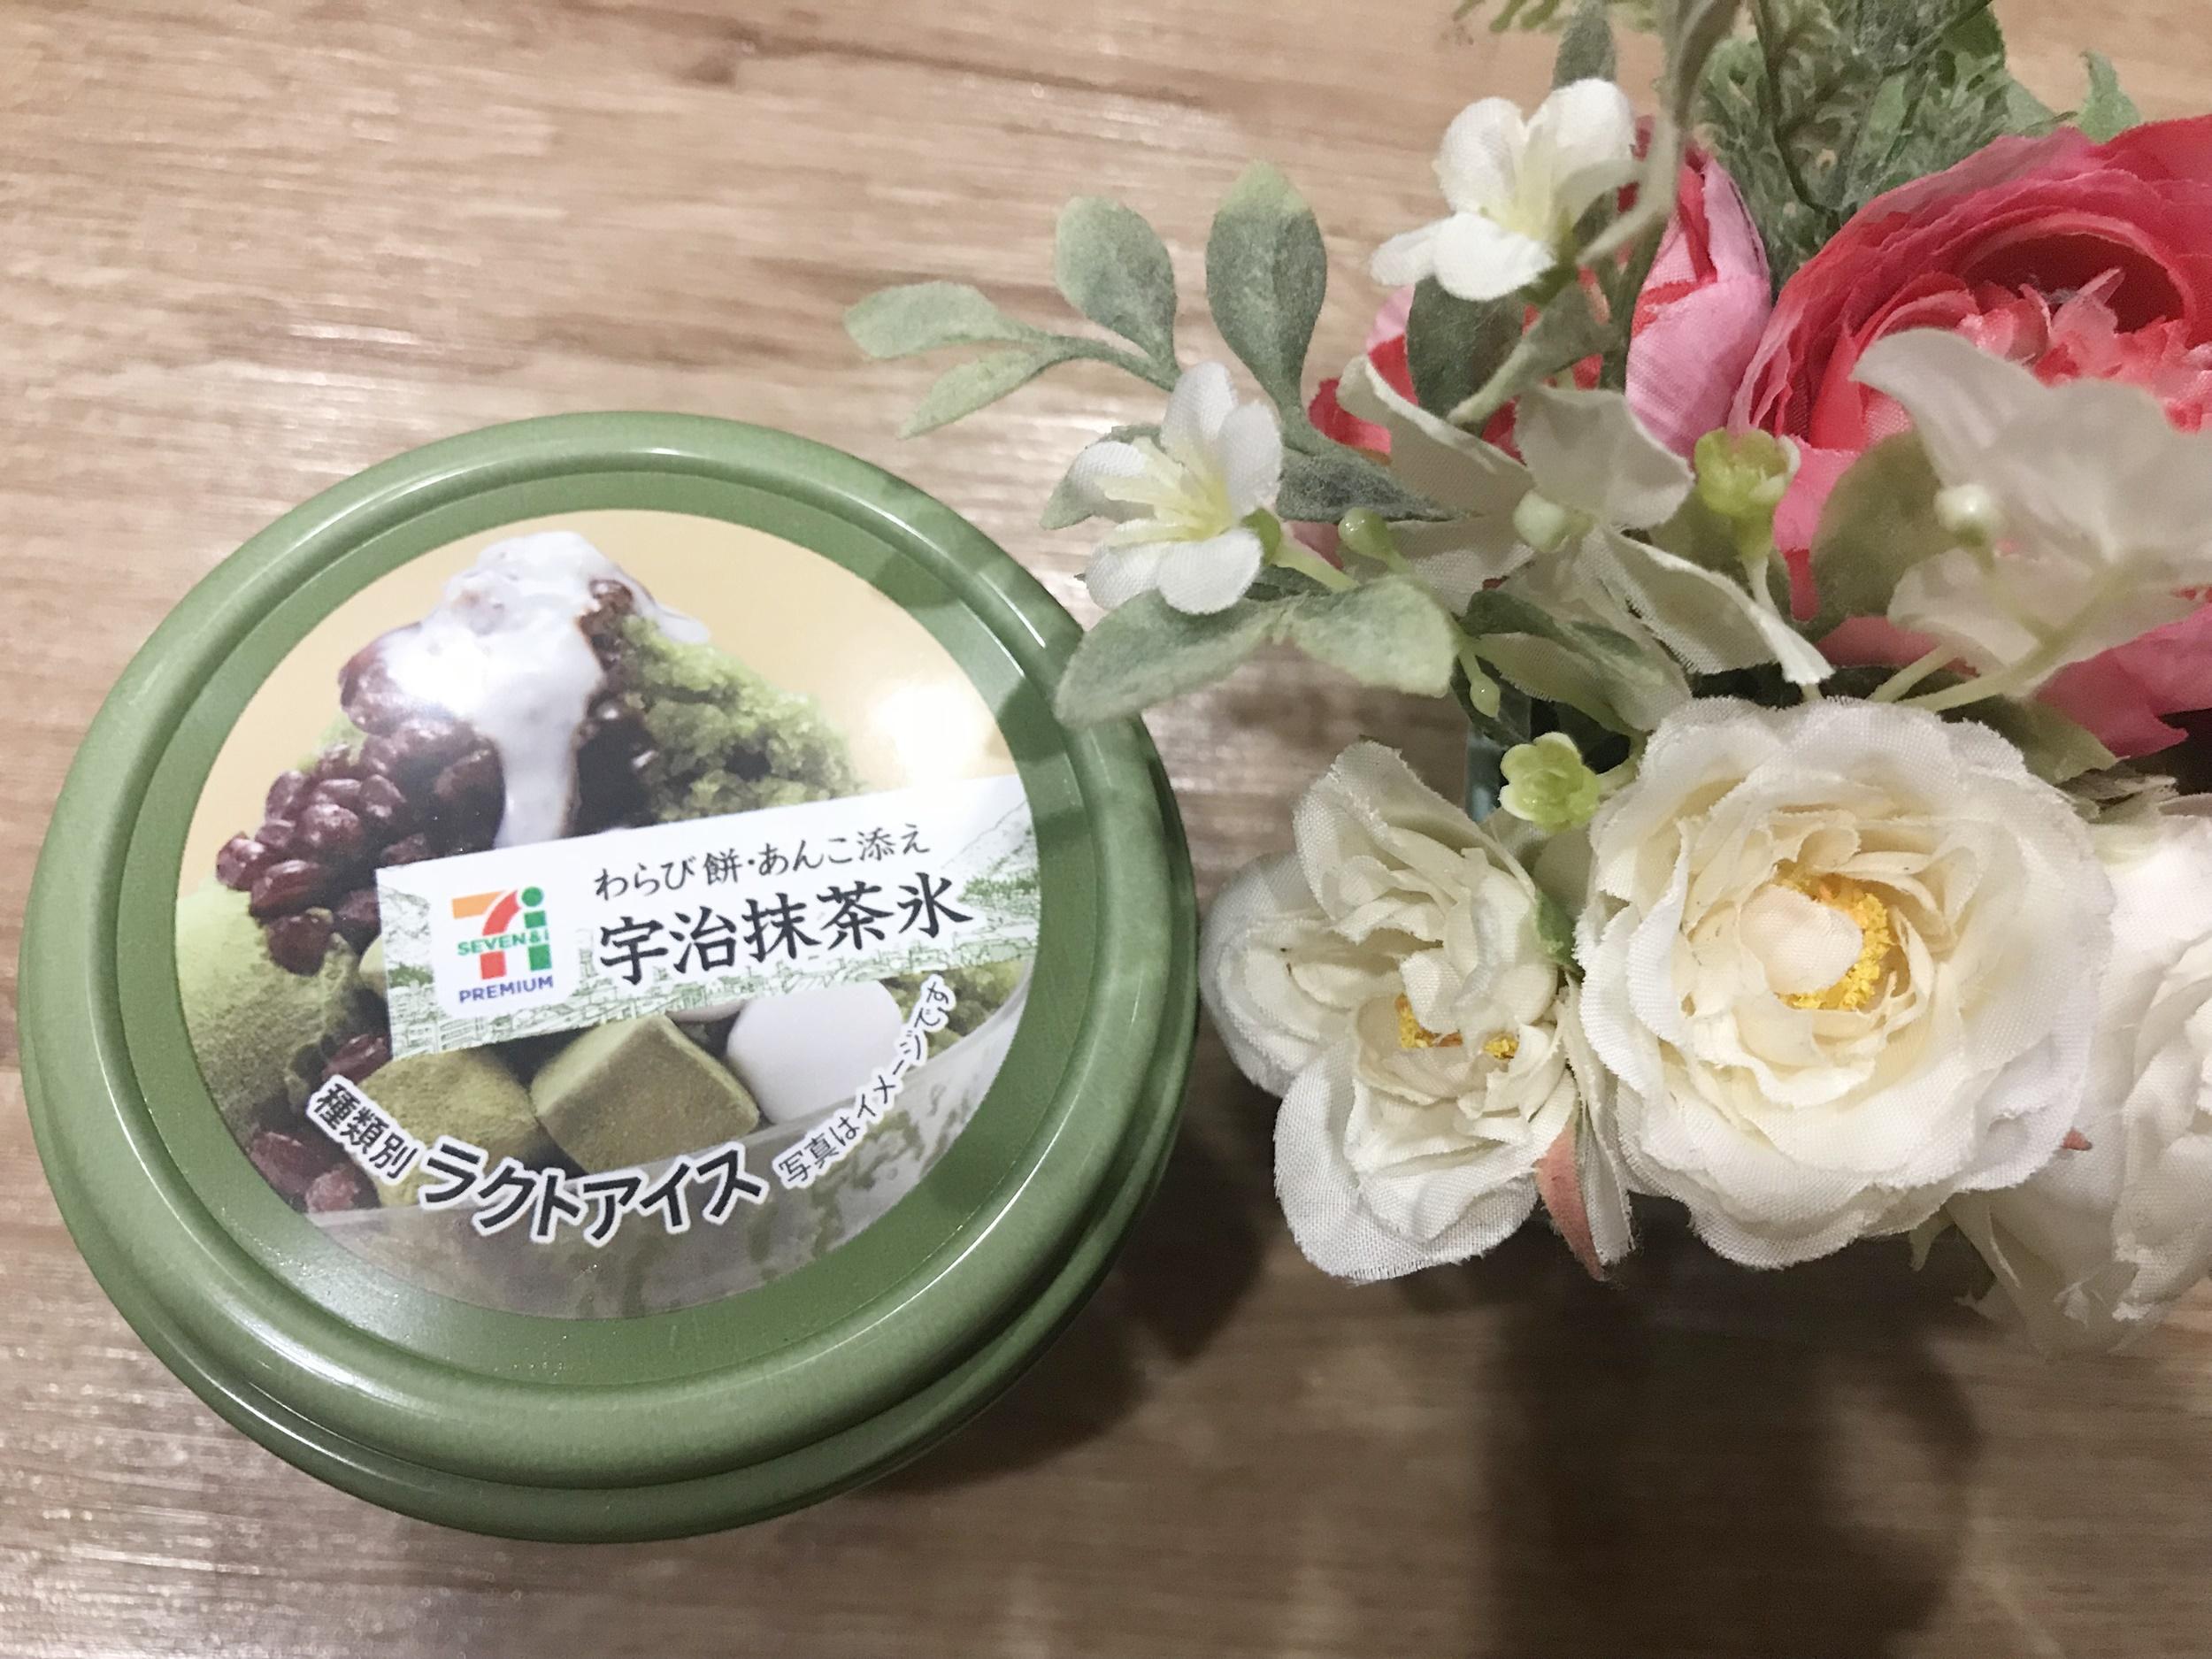 宇治抹茶蕨餅紅豆冰